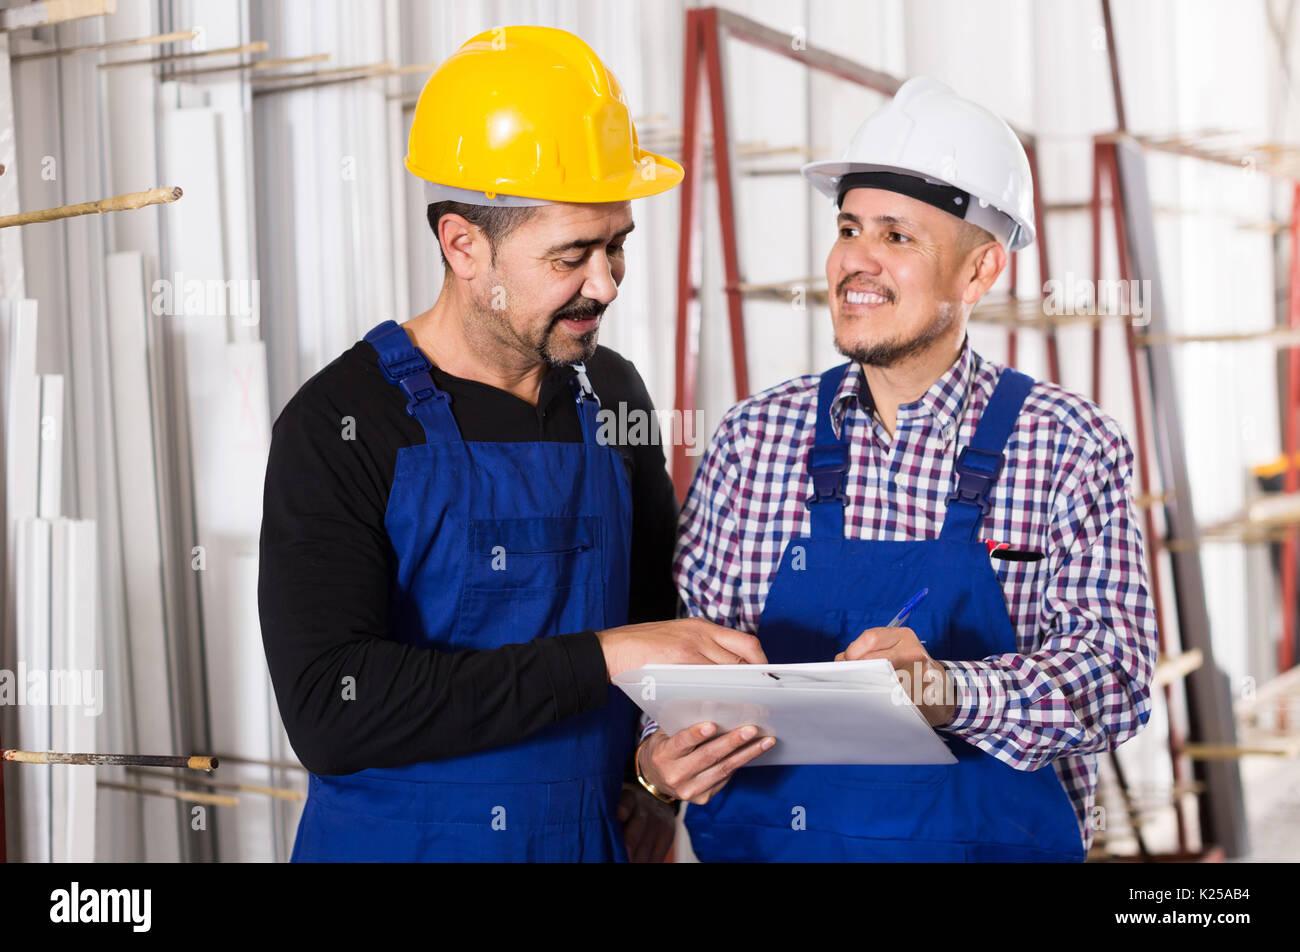 Positive Maschinenbauingenieur Überprüfung der Arbeit der Arbeit an modernen Fabrik Stockbild